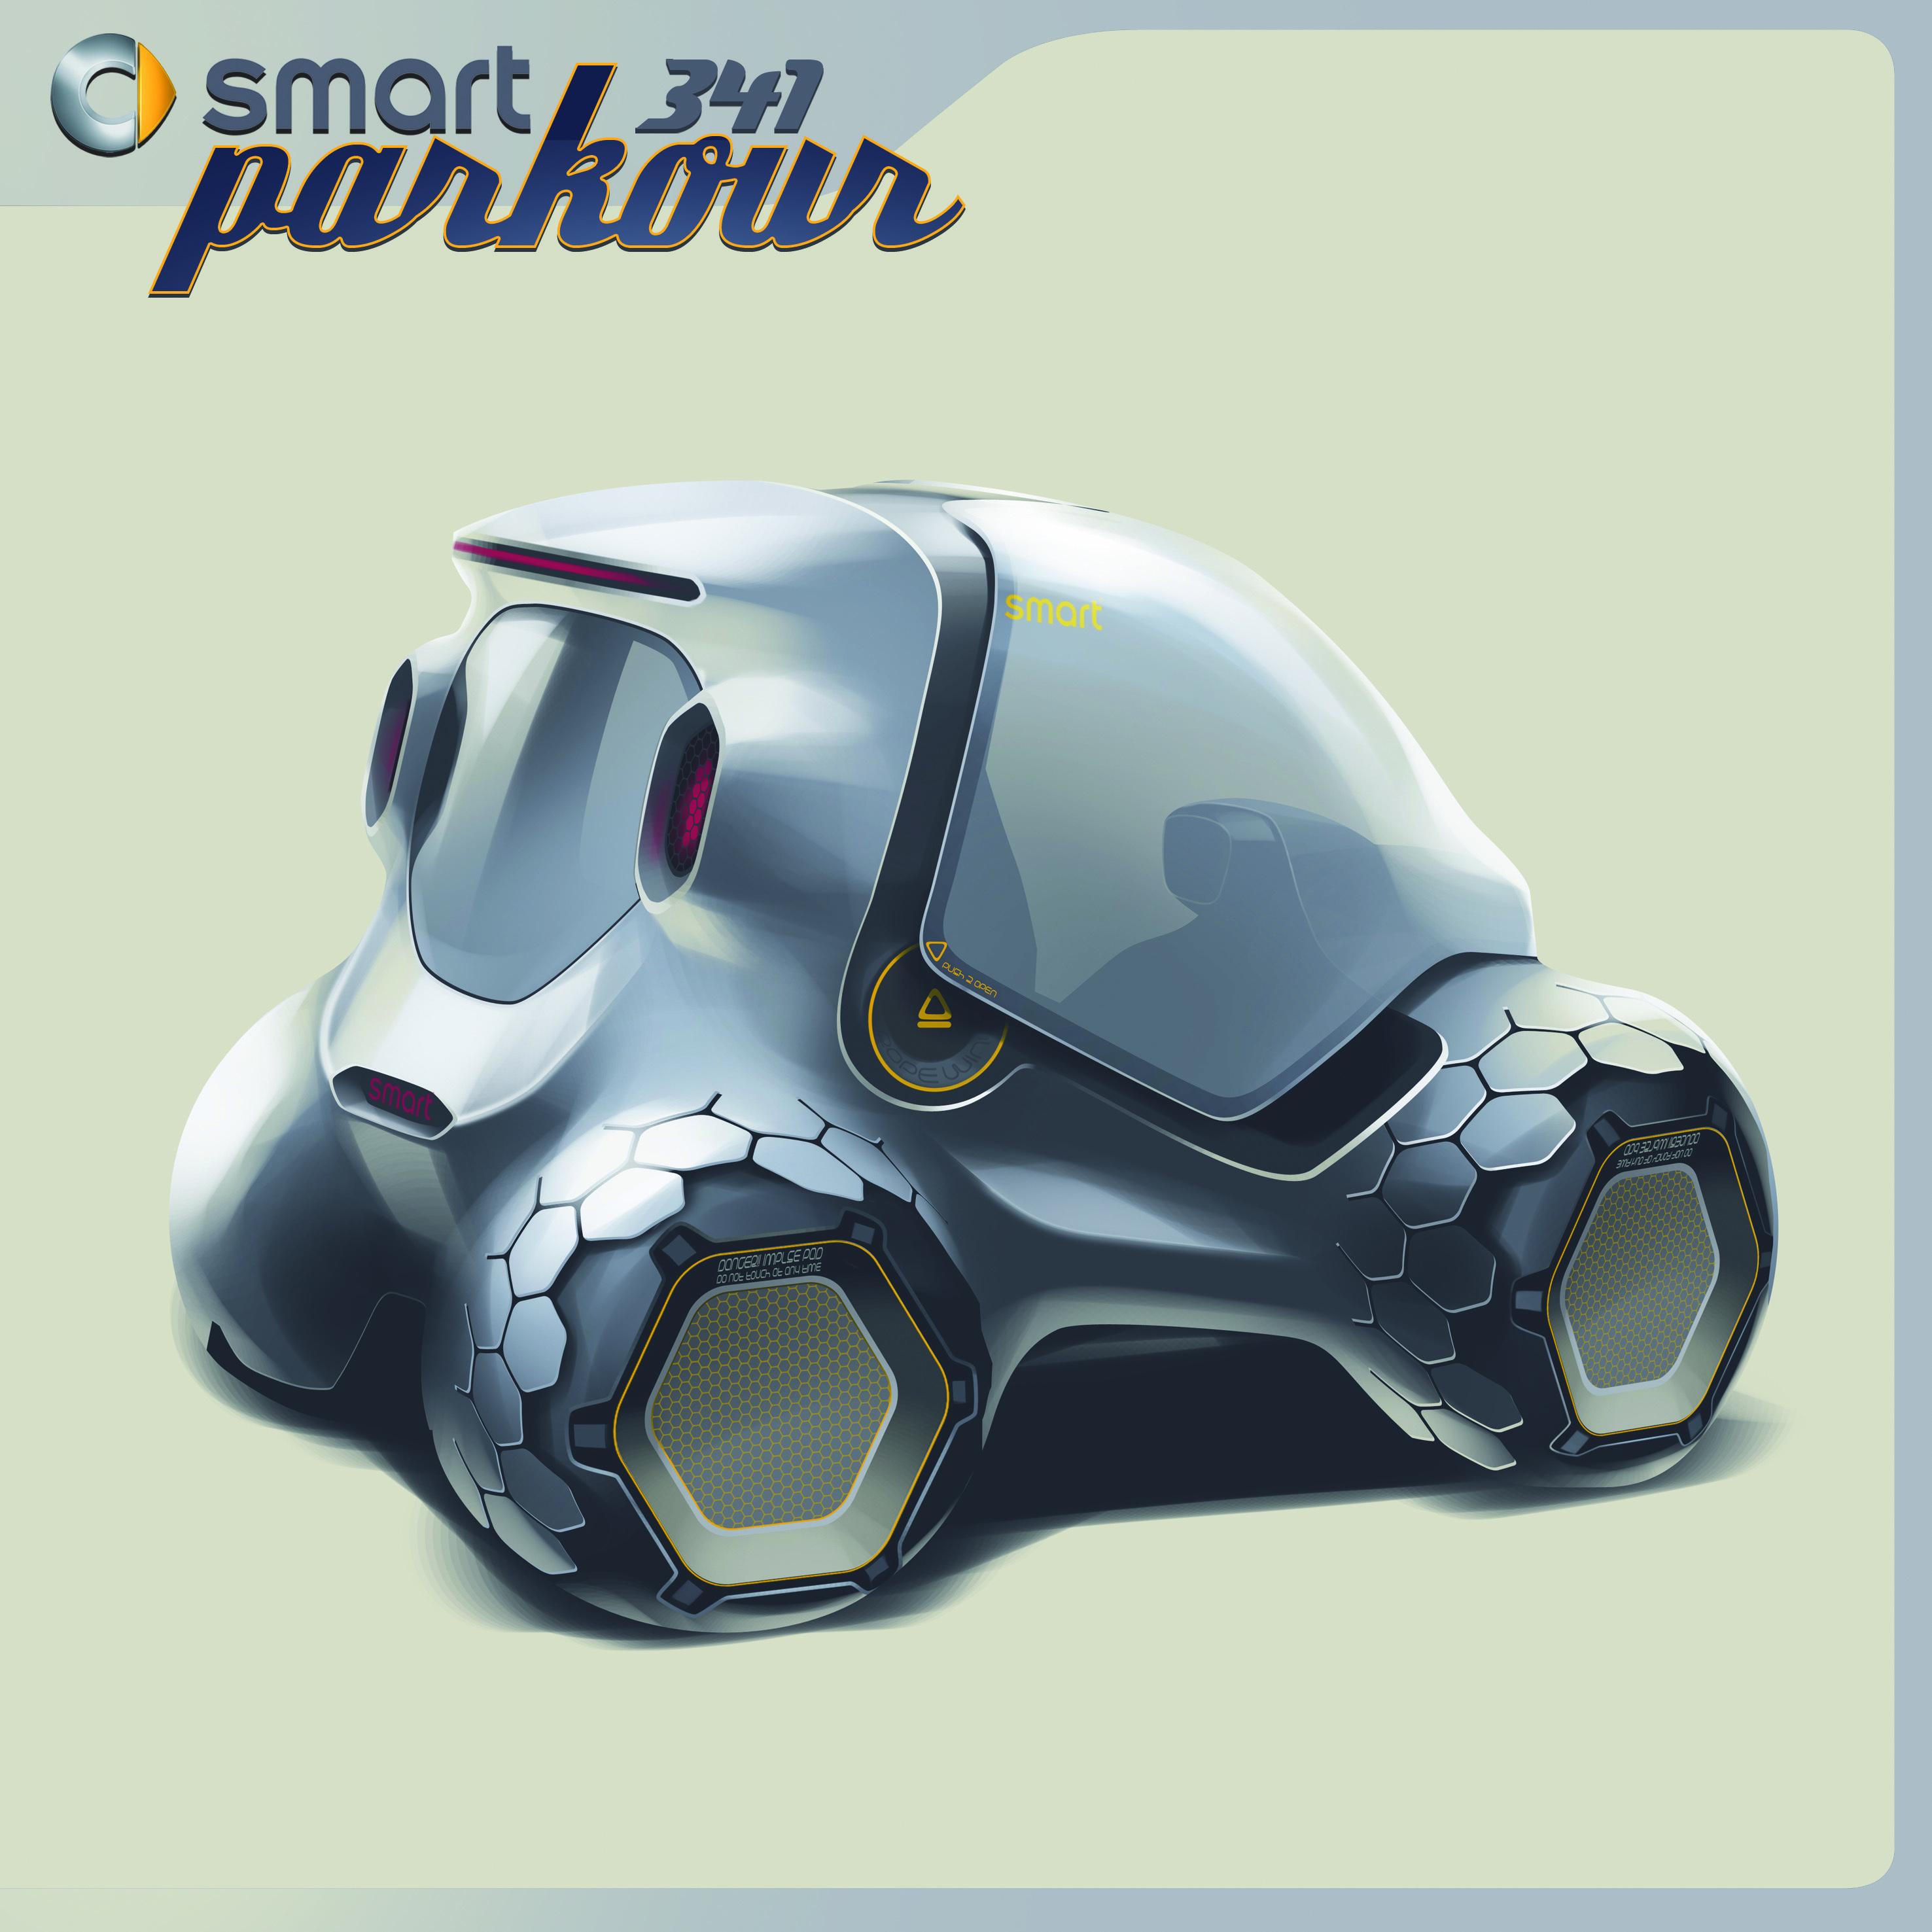 Smart 341Parkour